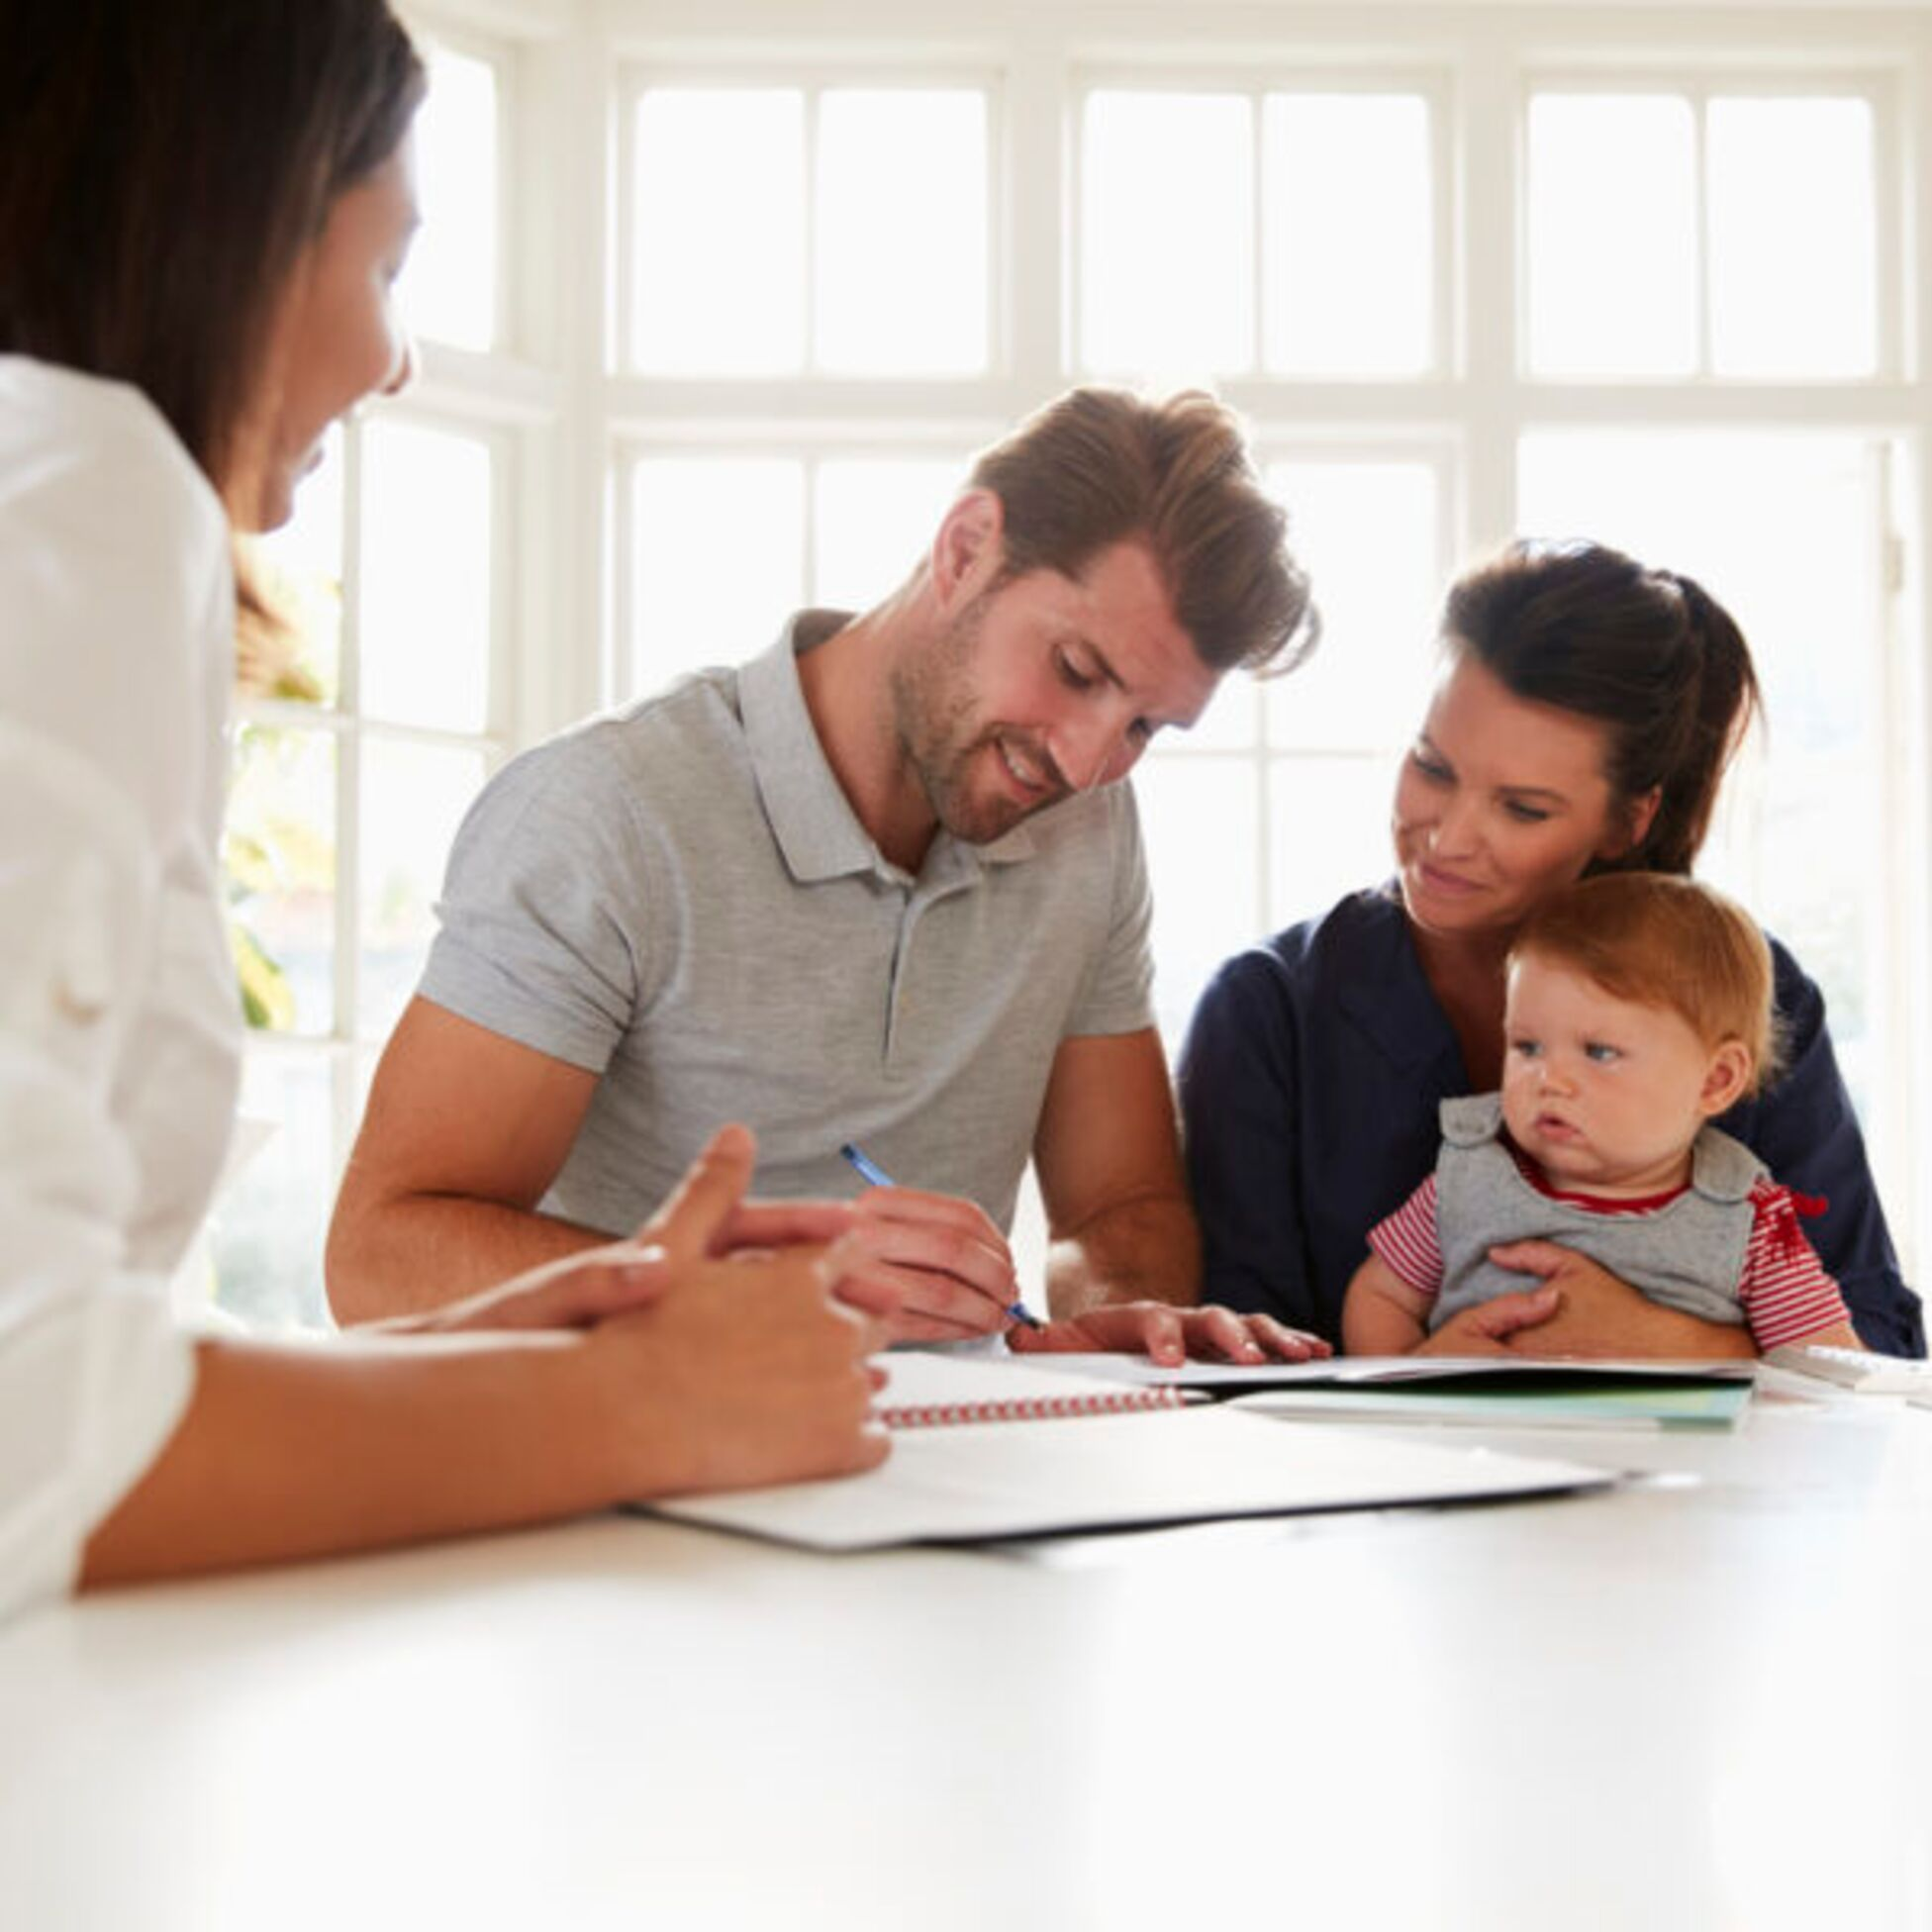 Familie unterschreibt Kreditvertrag mit Finanzberater